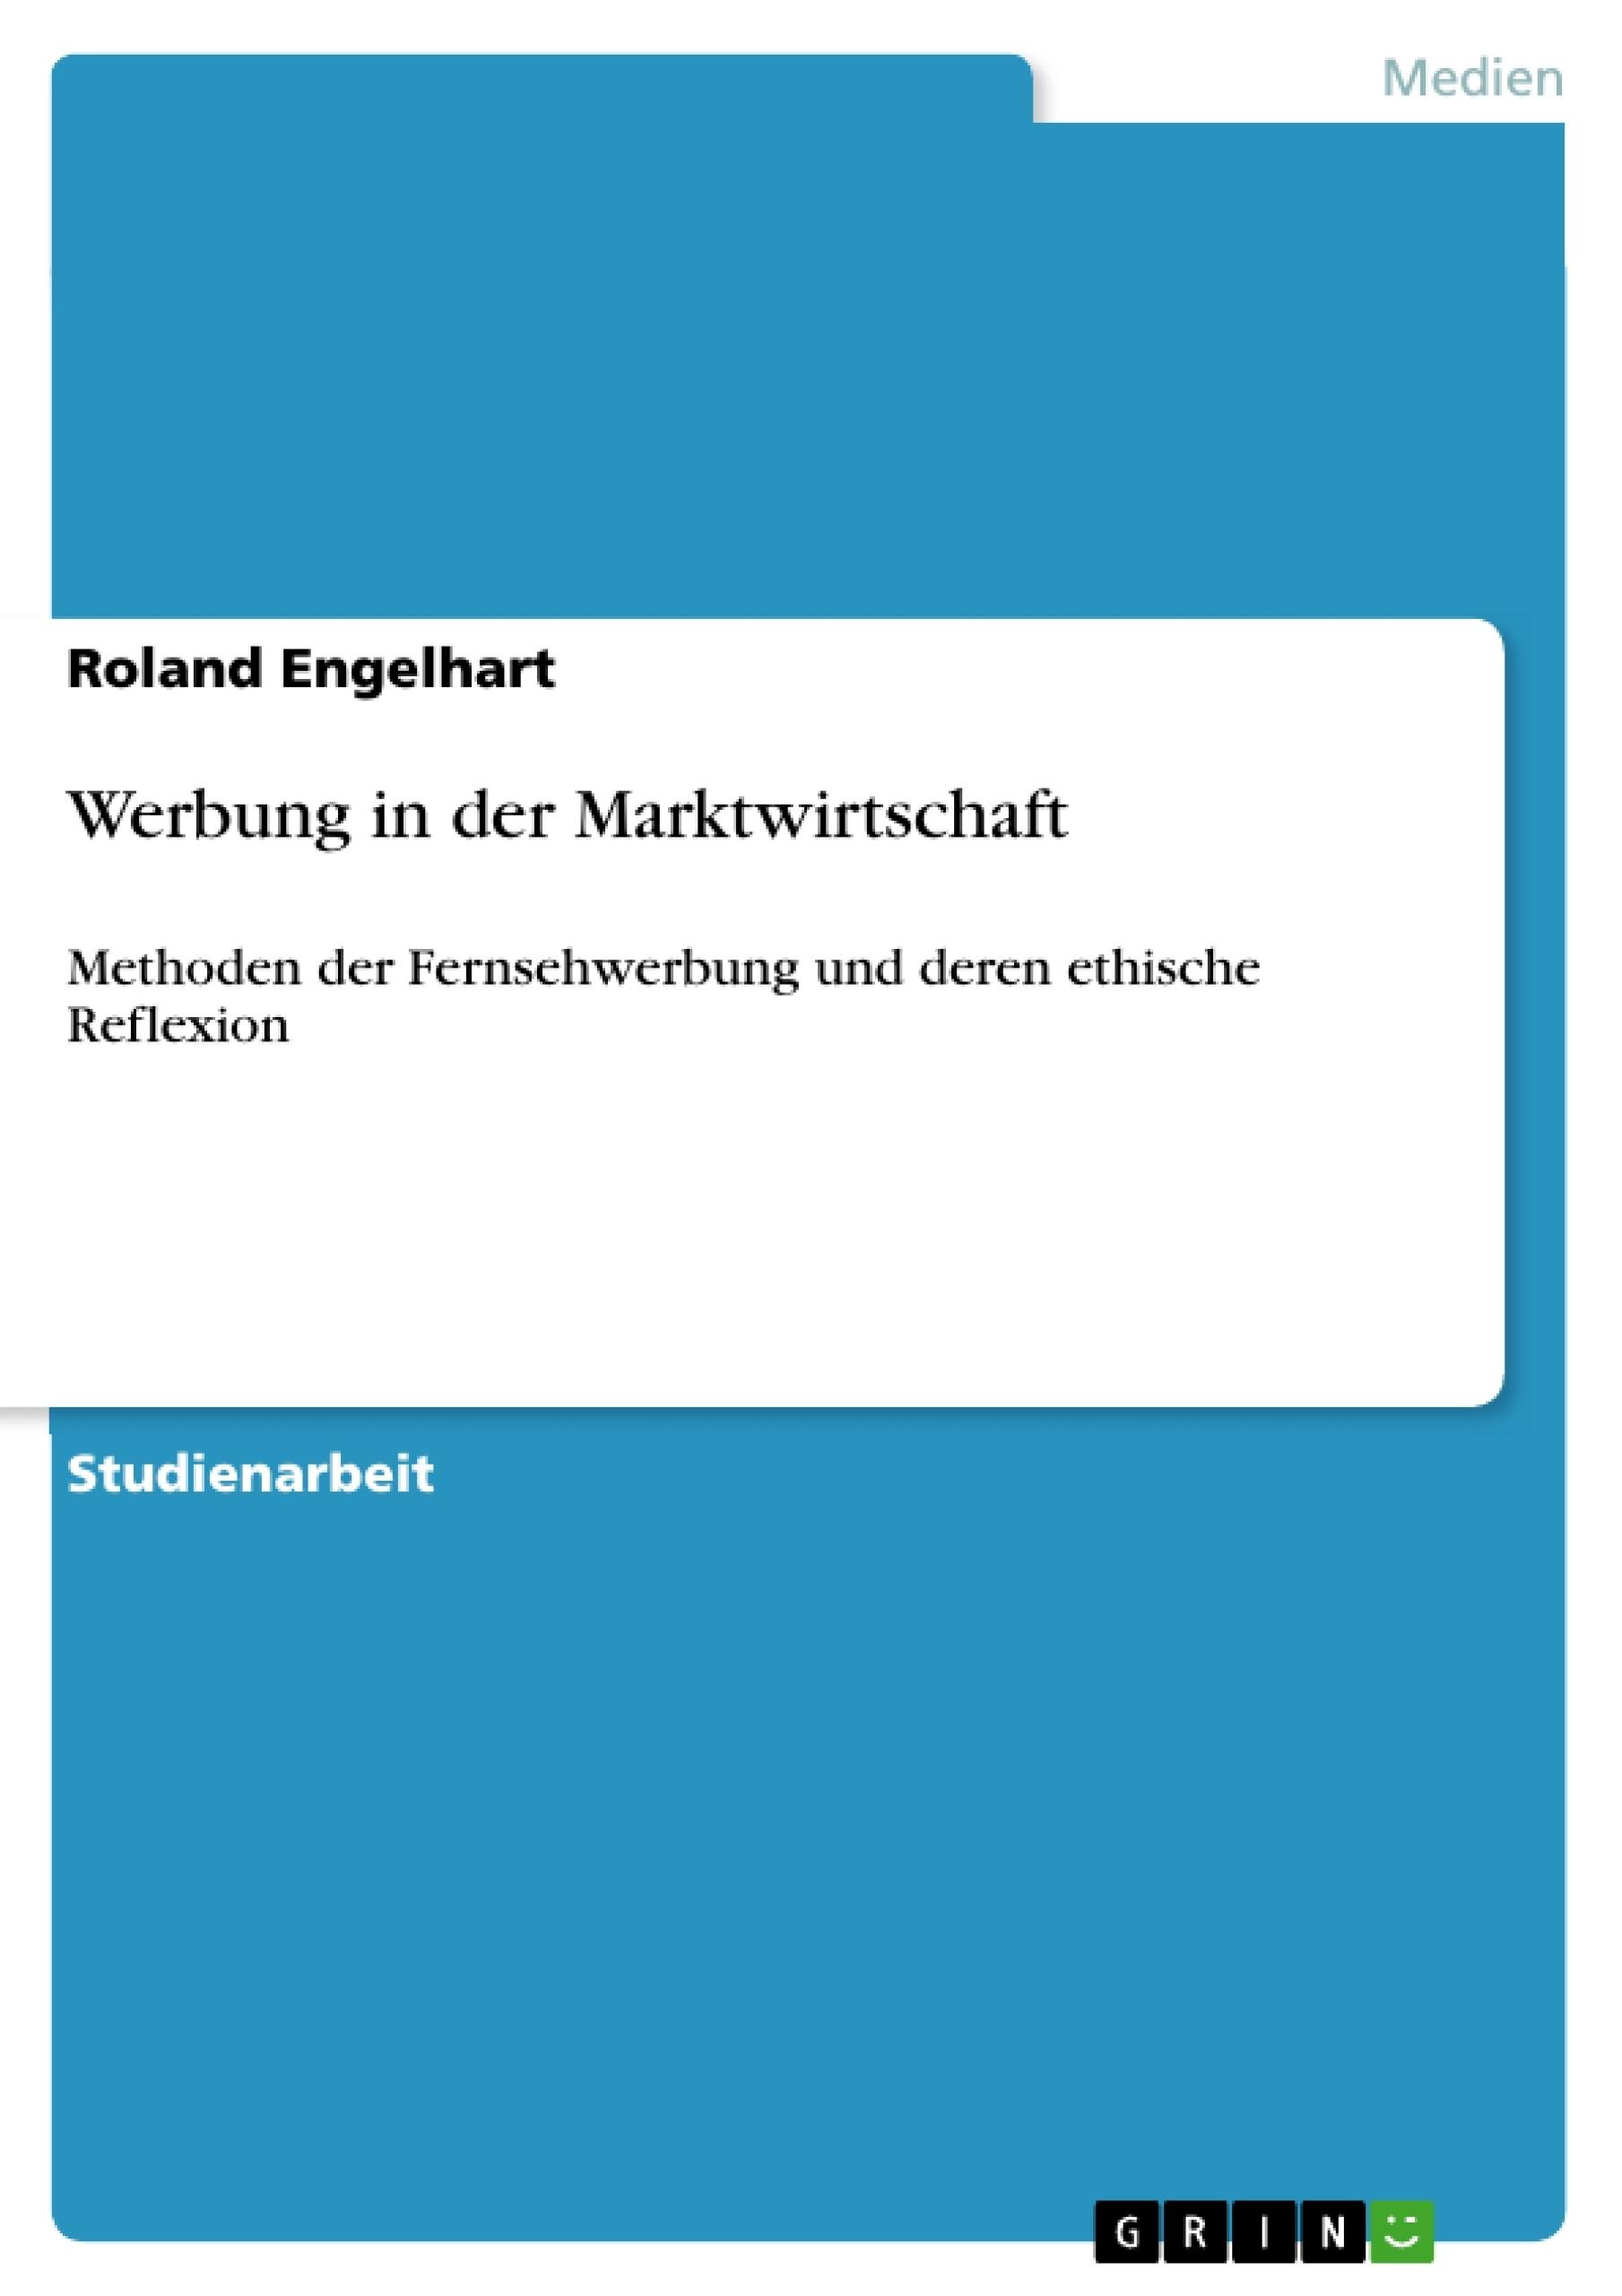 Titel: Werbung in der Marktwirtschaft